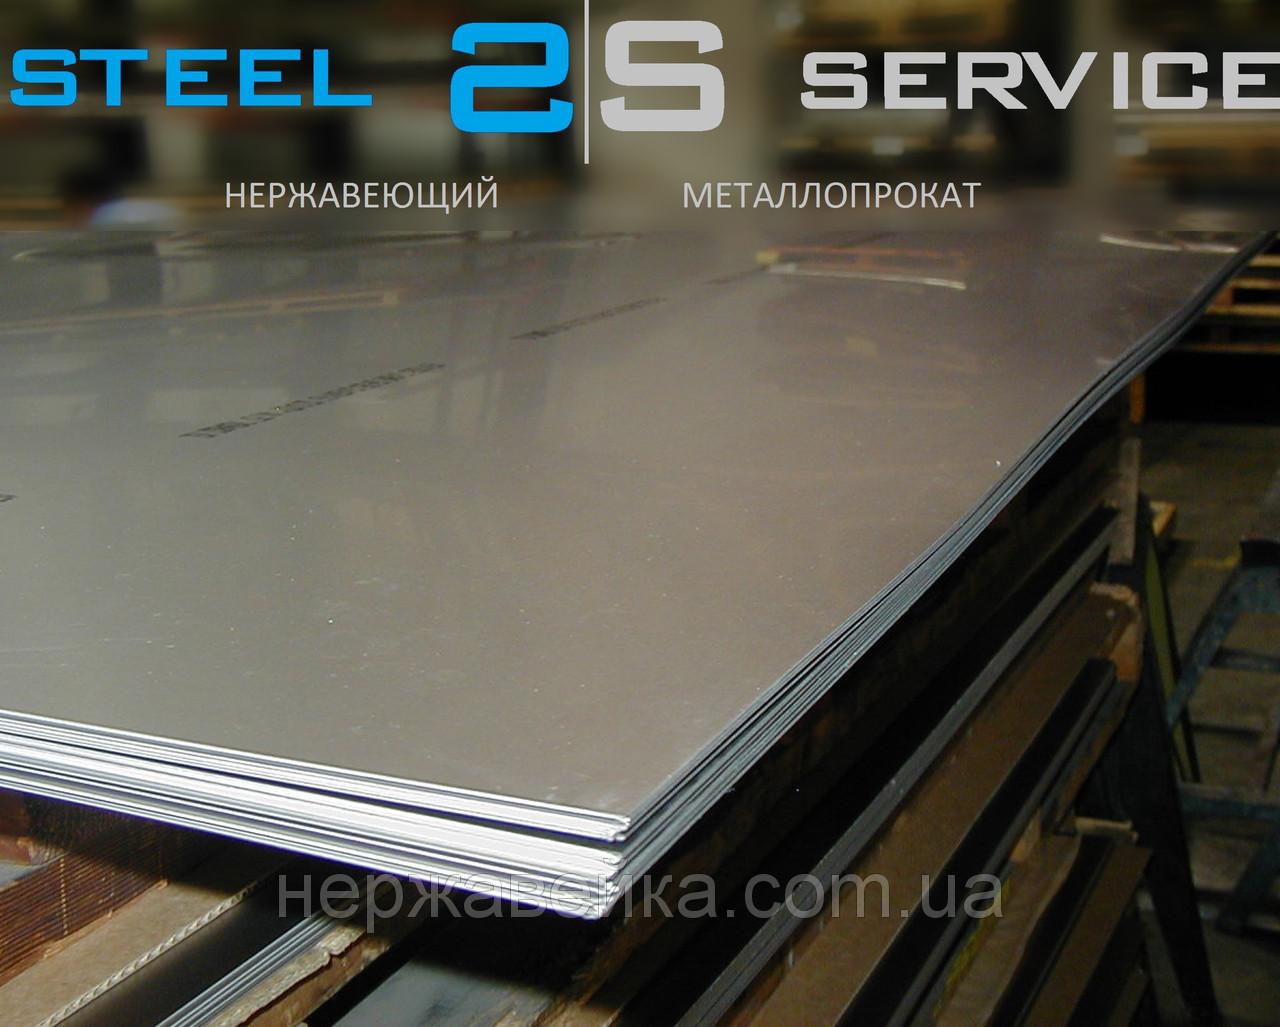 Листовая нержавейка 1х1500х3000мм  AISI 316Ti(10Х17Н13М2Т) 4N - шлифованный,  кислотостойкий